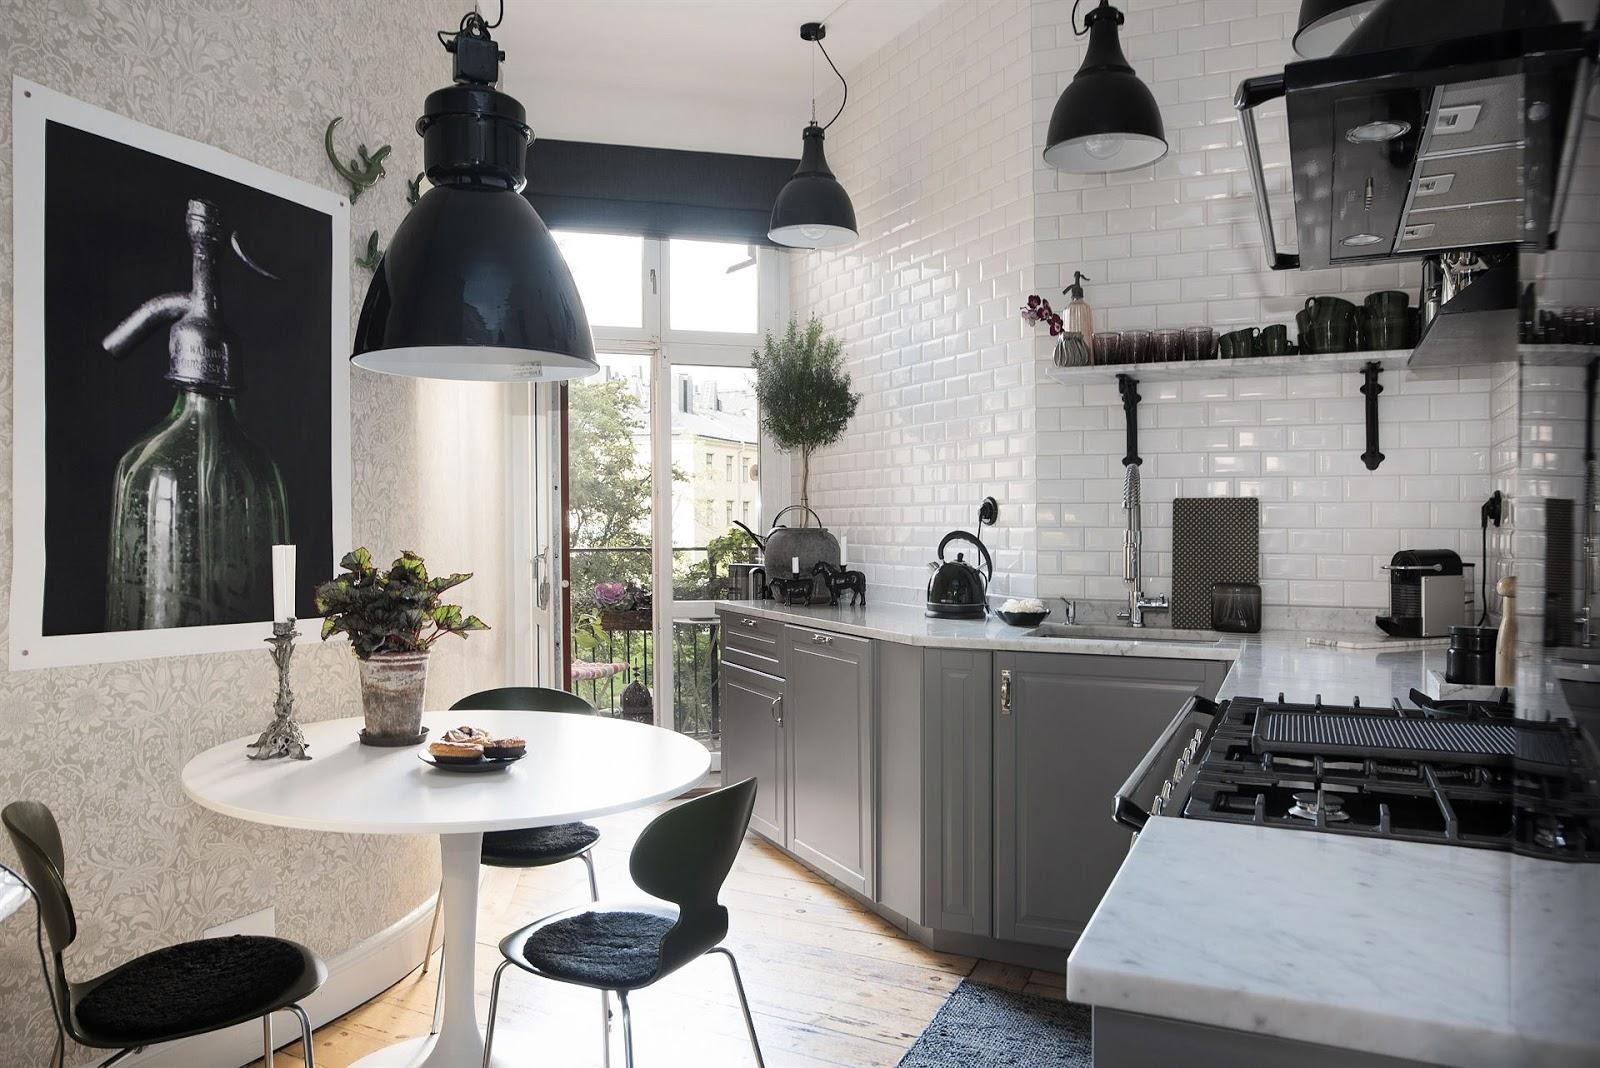 Cozinha Preta E Branca Combinação Clássica Que Agrada Muita Gente